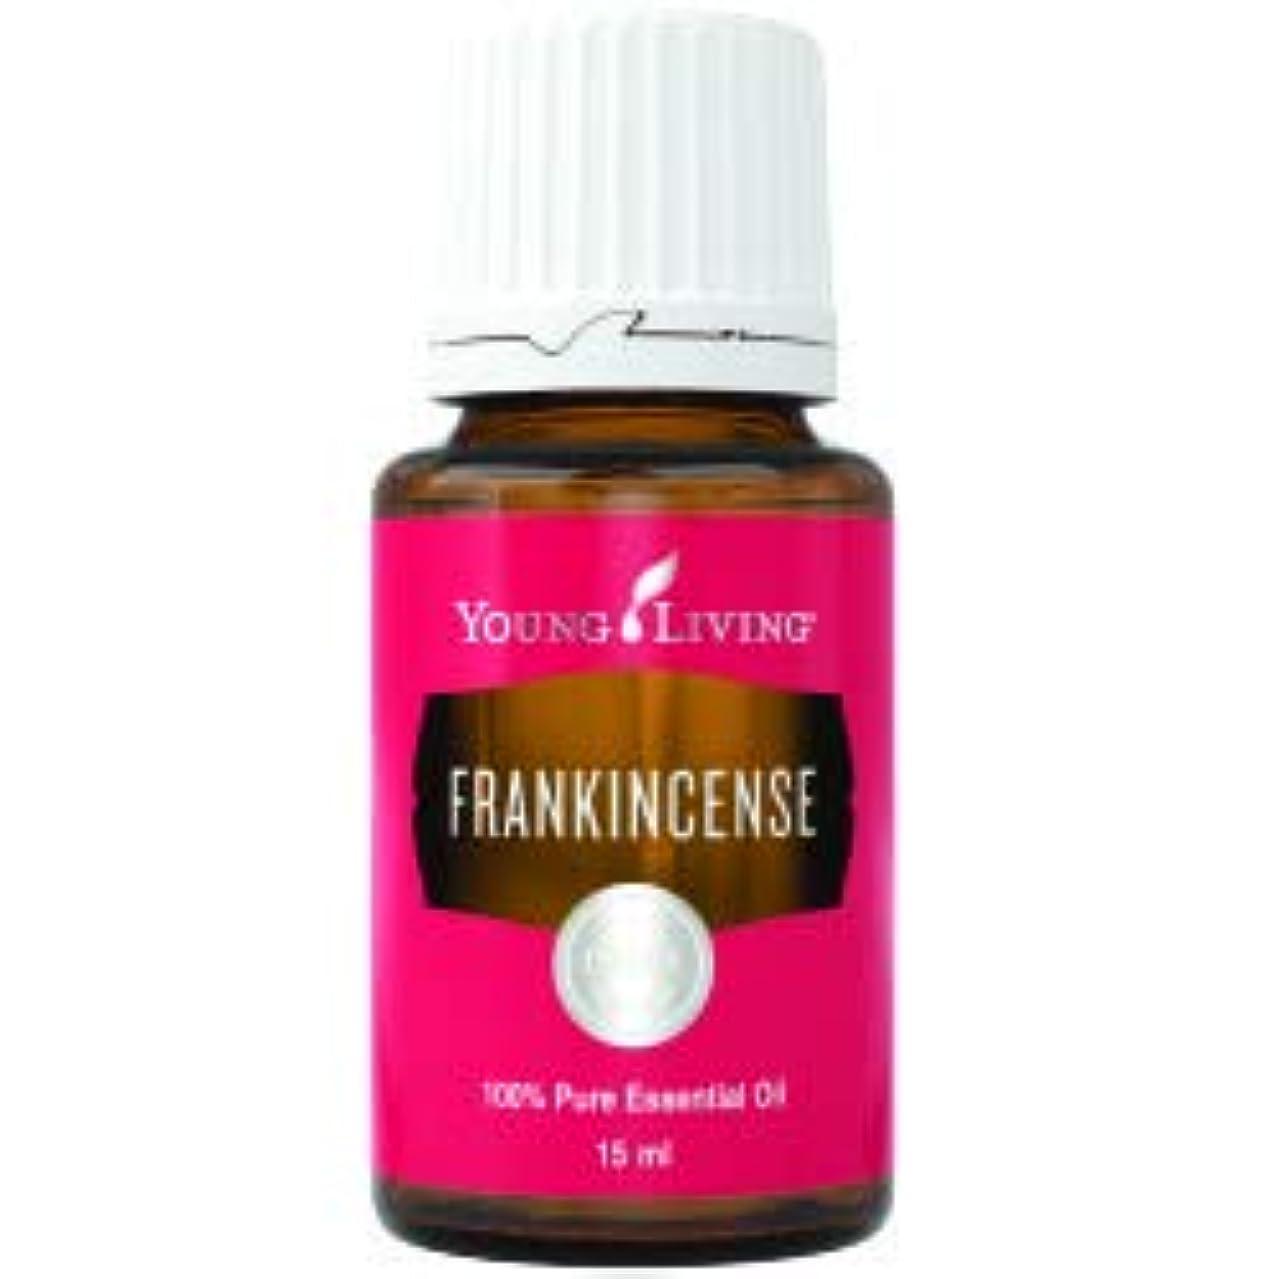 通り人工勉強するフランキンセンスエッセンシャルオイル ヤングリビングエッセンシャルオイルマレーシア15ml Frankincense Essential Oil 15ml by Young Living Essential Oil Malaysia